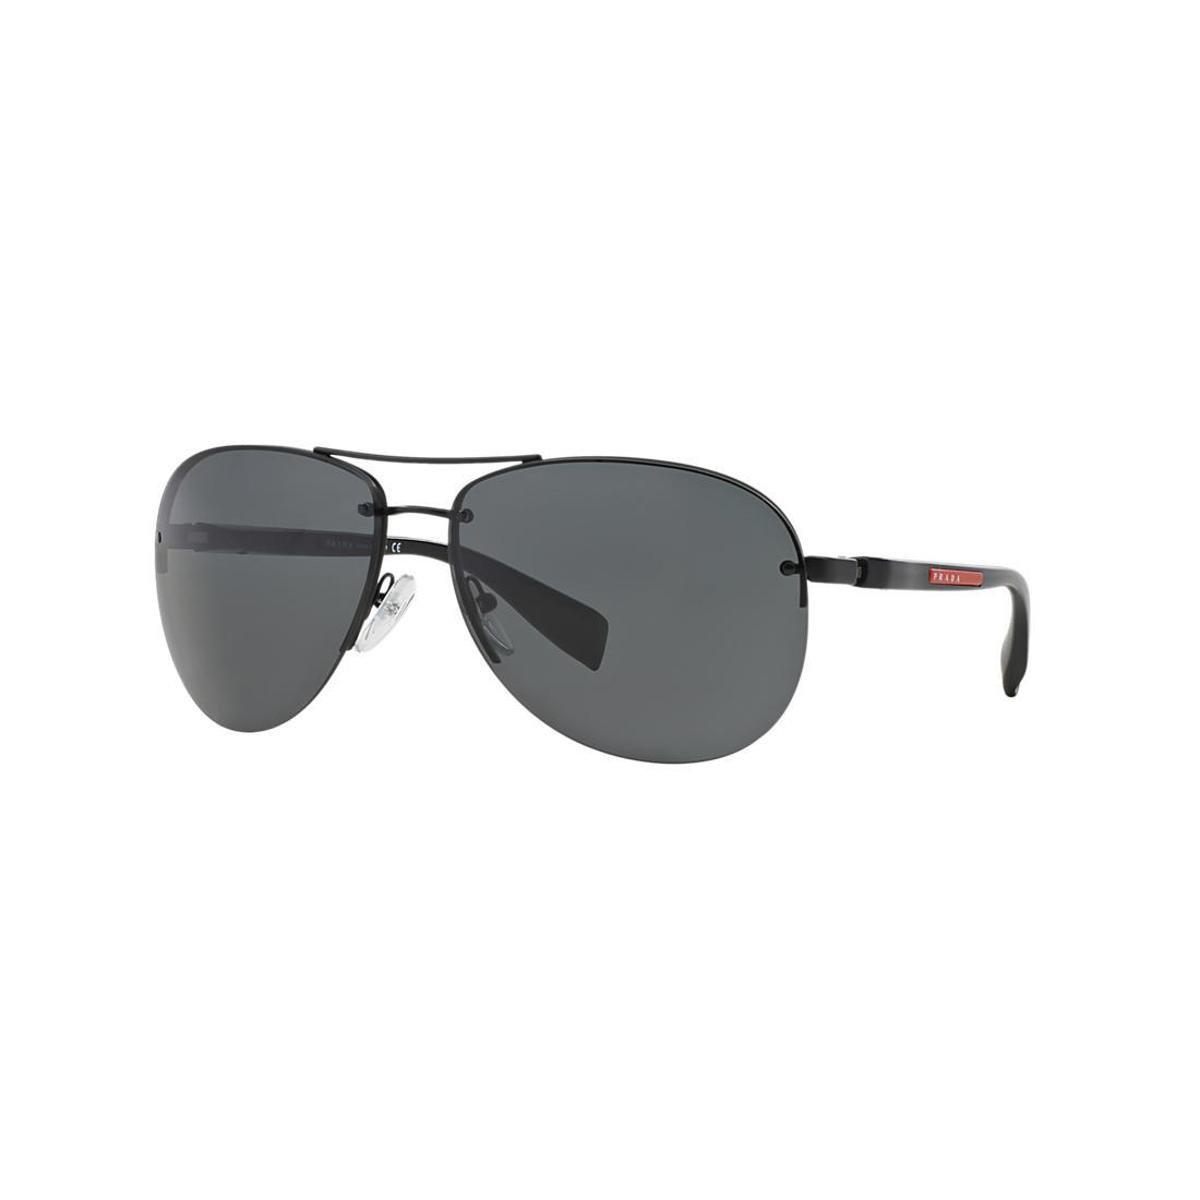 c76af644c4329 Óculos de Sol Prada Linea Rossa PS 56MS Sunglass Hut - Compre Agora ...